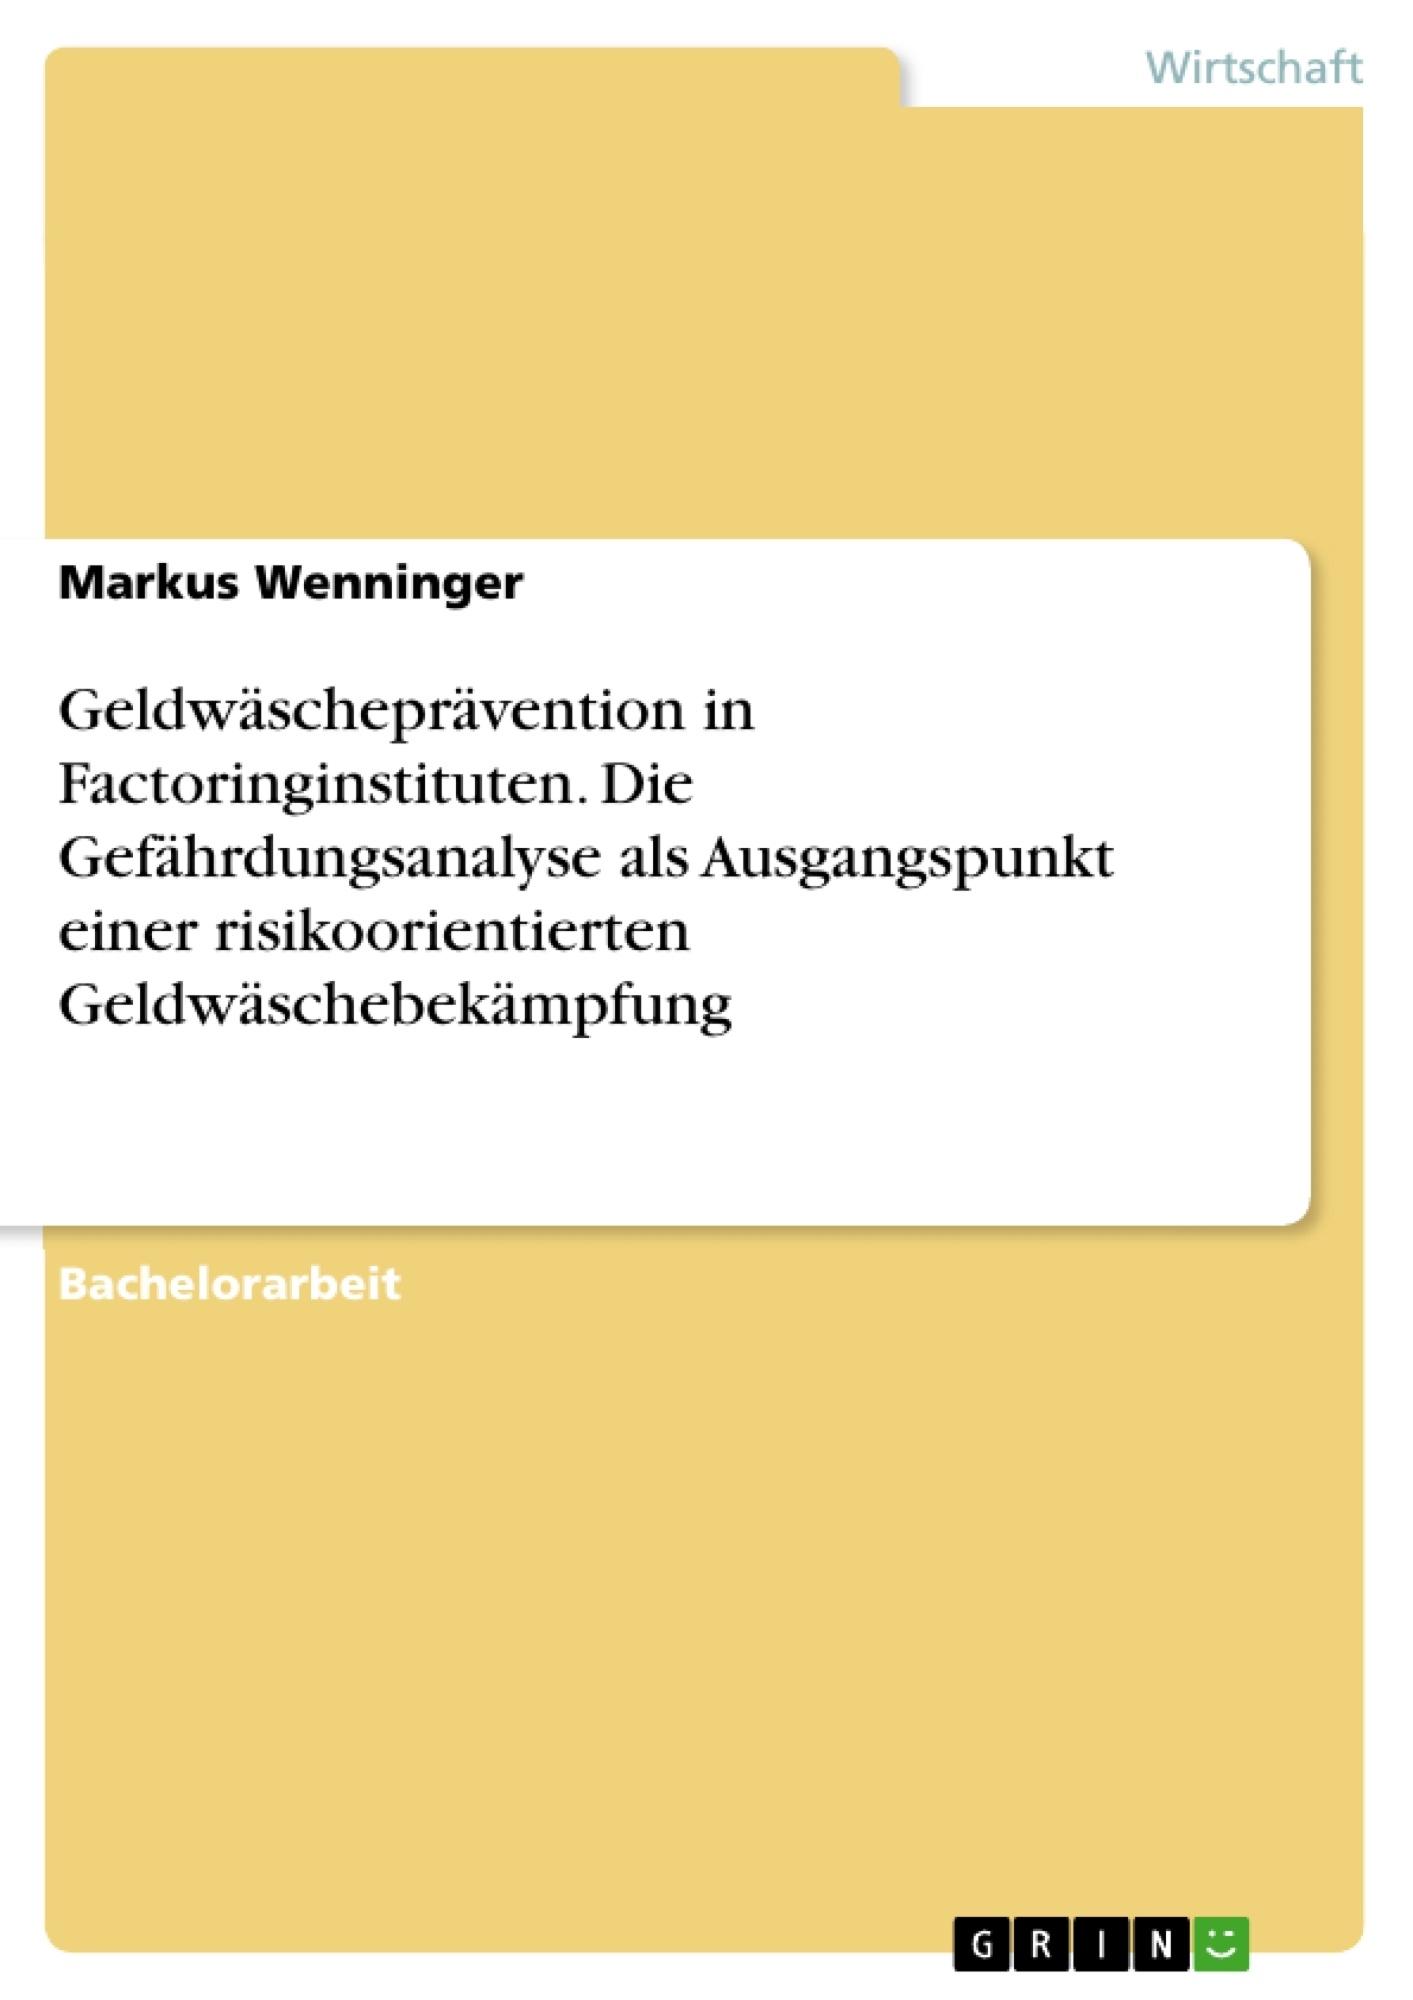 Titel: Geldwäscheprävention in Factoringinstituten. Die Gefährdungsanalyse als Ausgangspunkt einer risikoorientierten Geldwäschebekämpfung